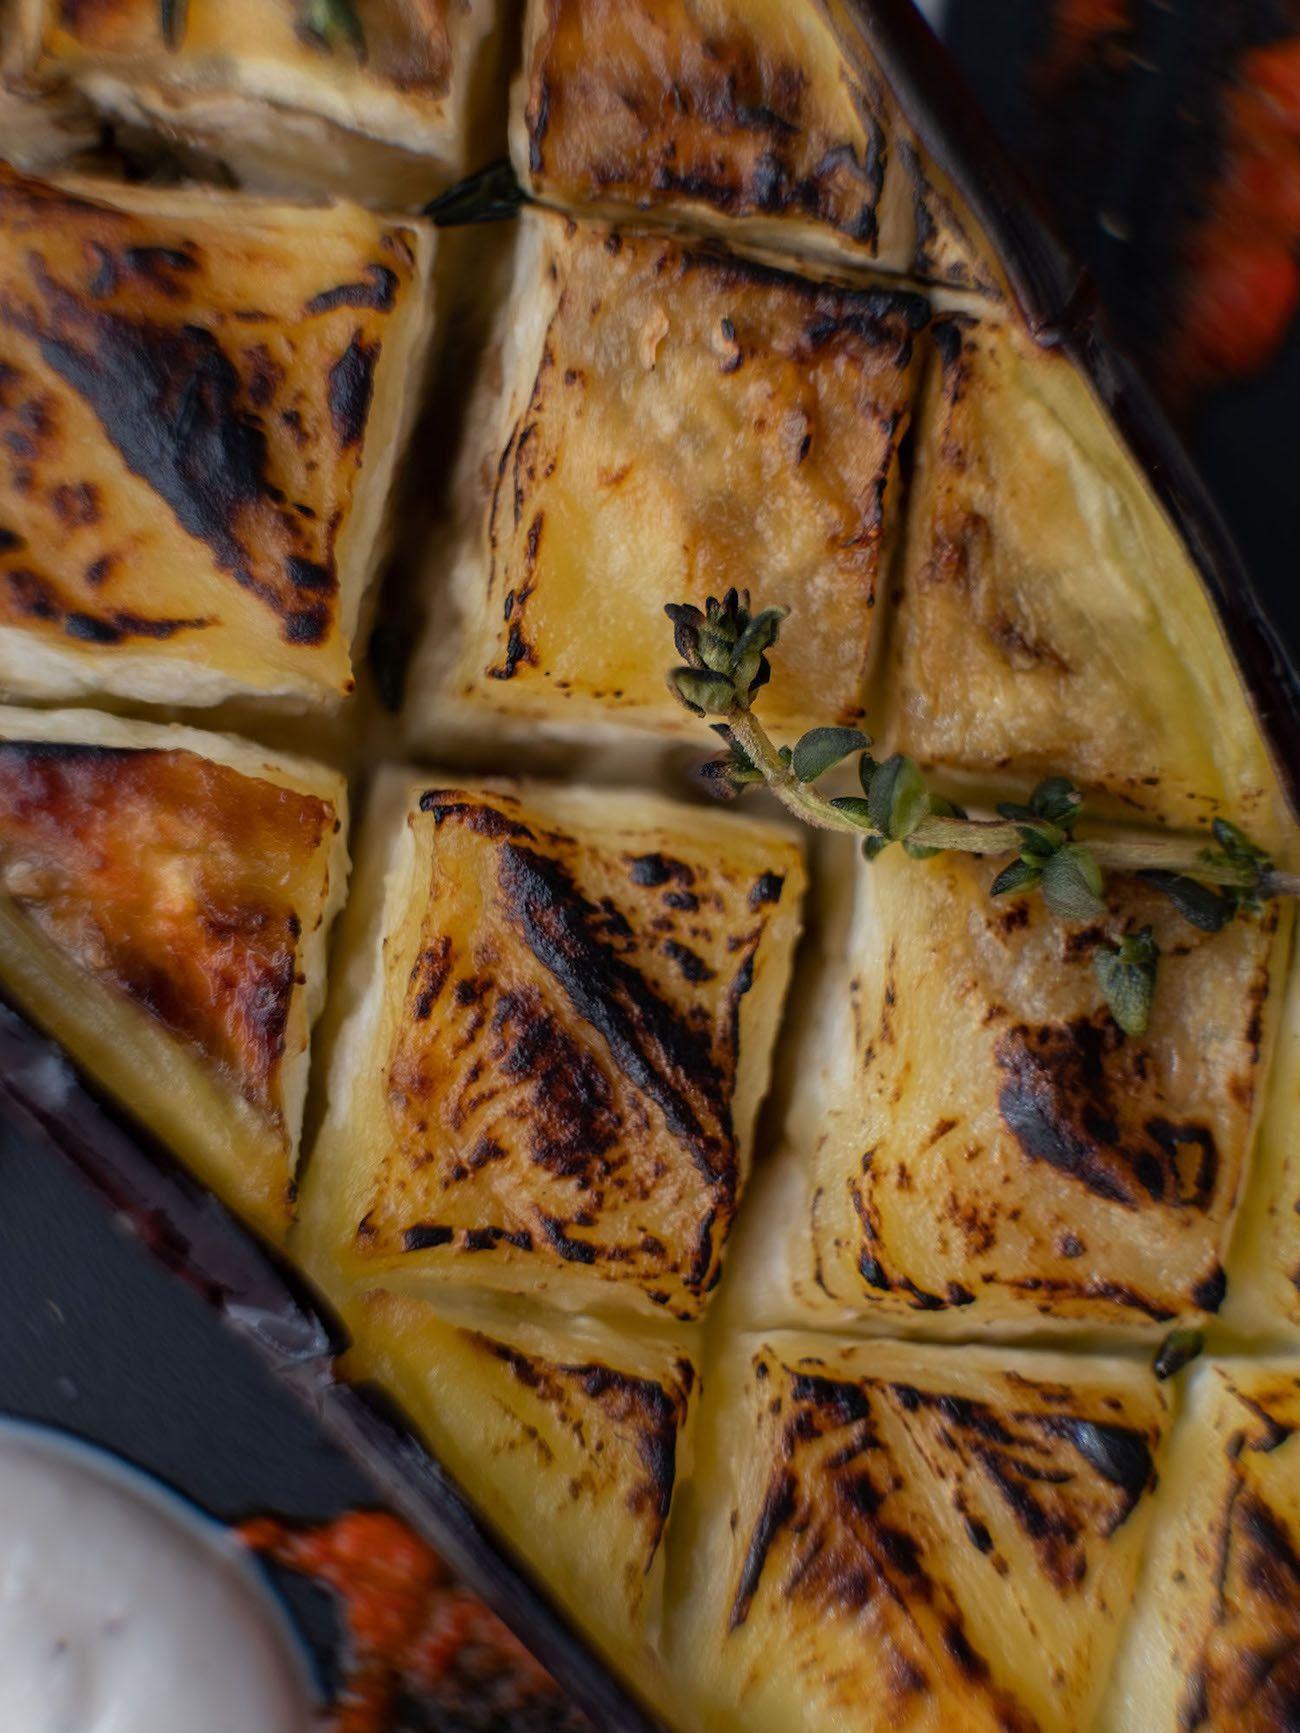 Foodblog About Fuel, Rezept Gegrillte Aubergine mit Joghurt-Tahin Soße und Paprika Dip, Röststelle, Thymian